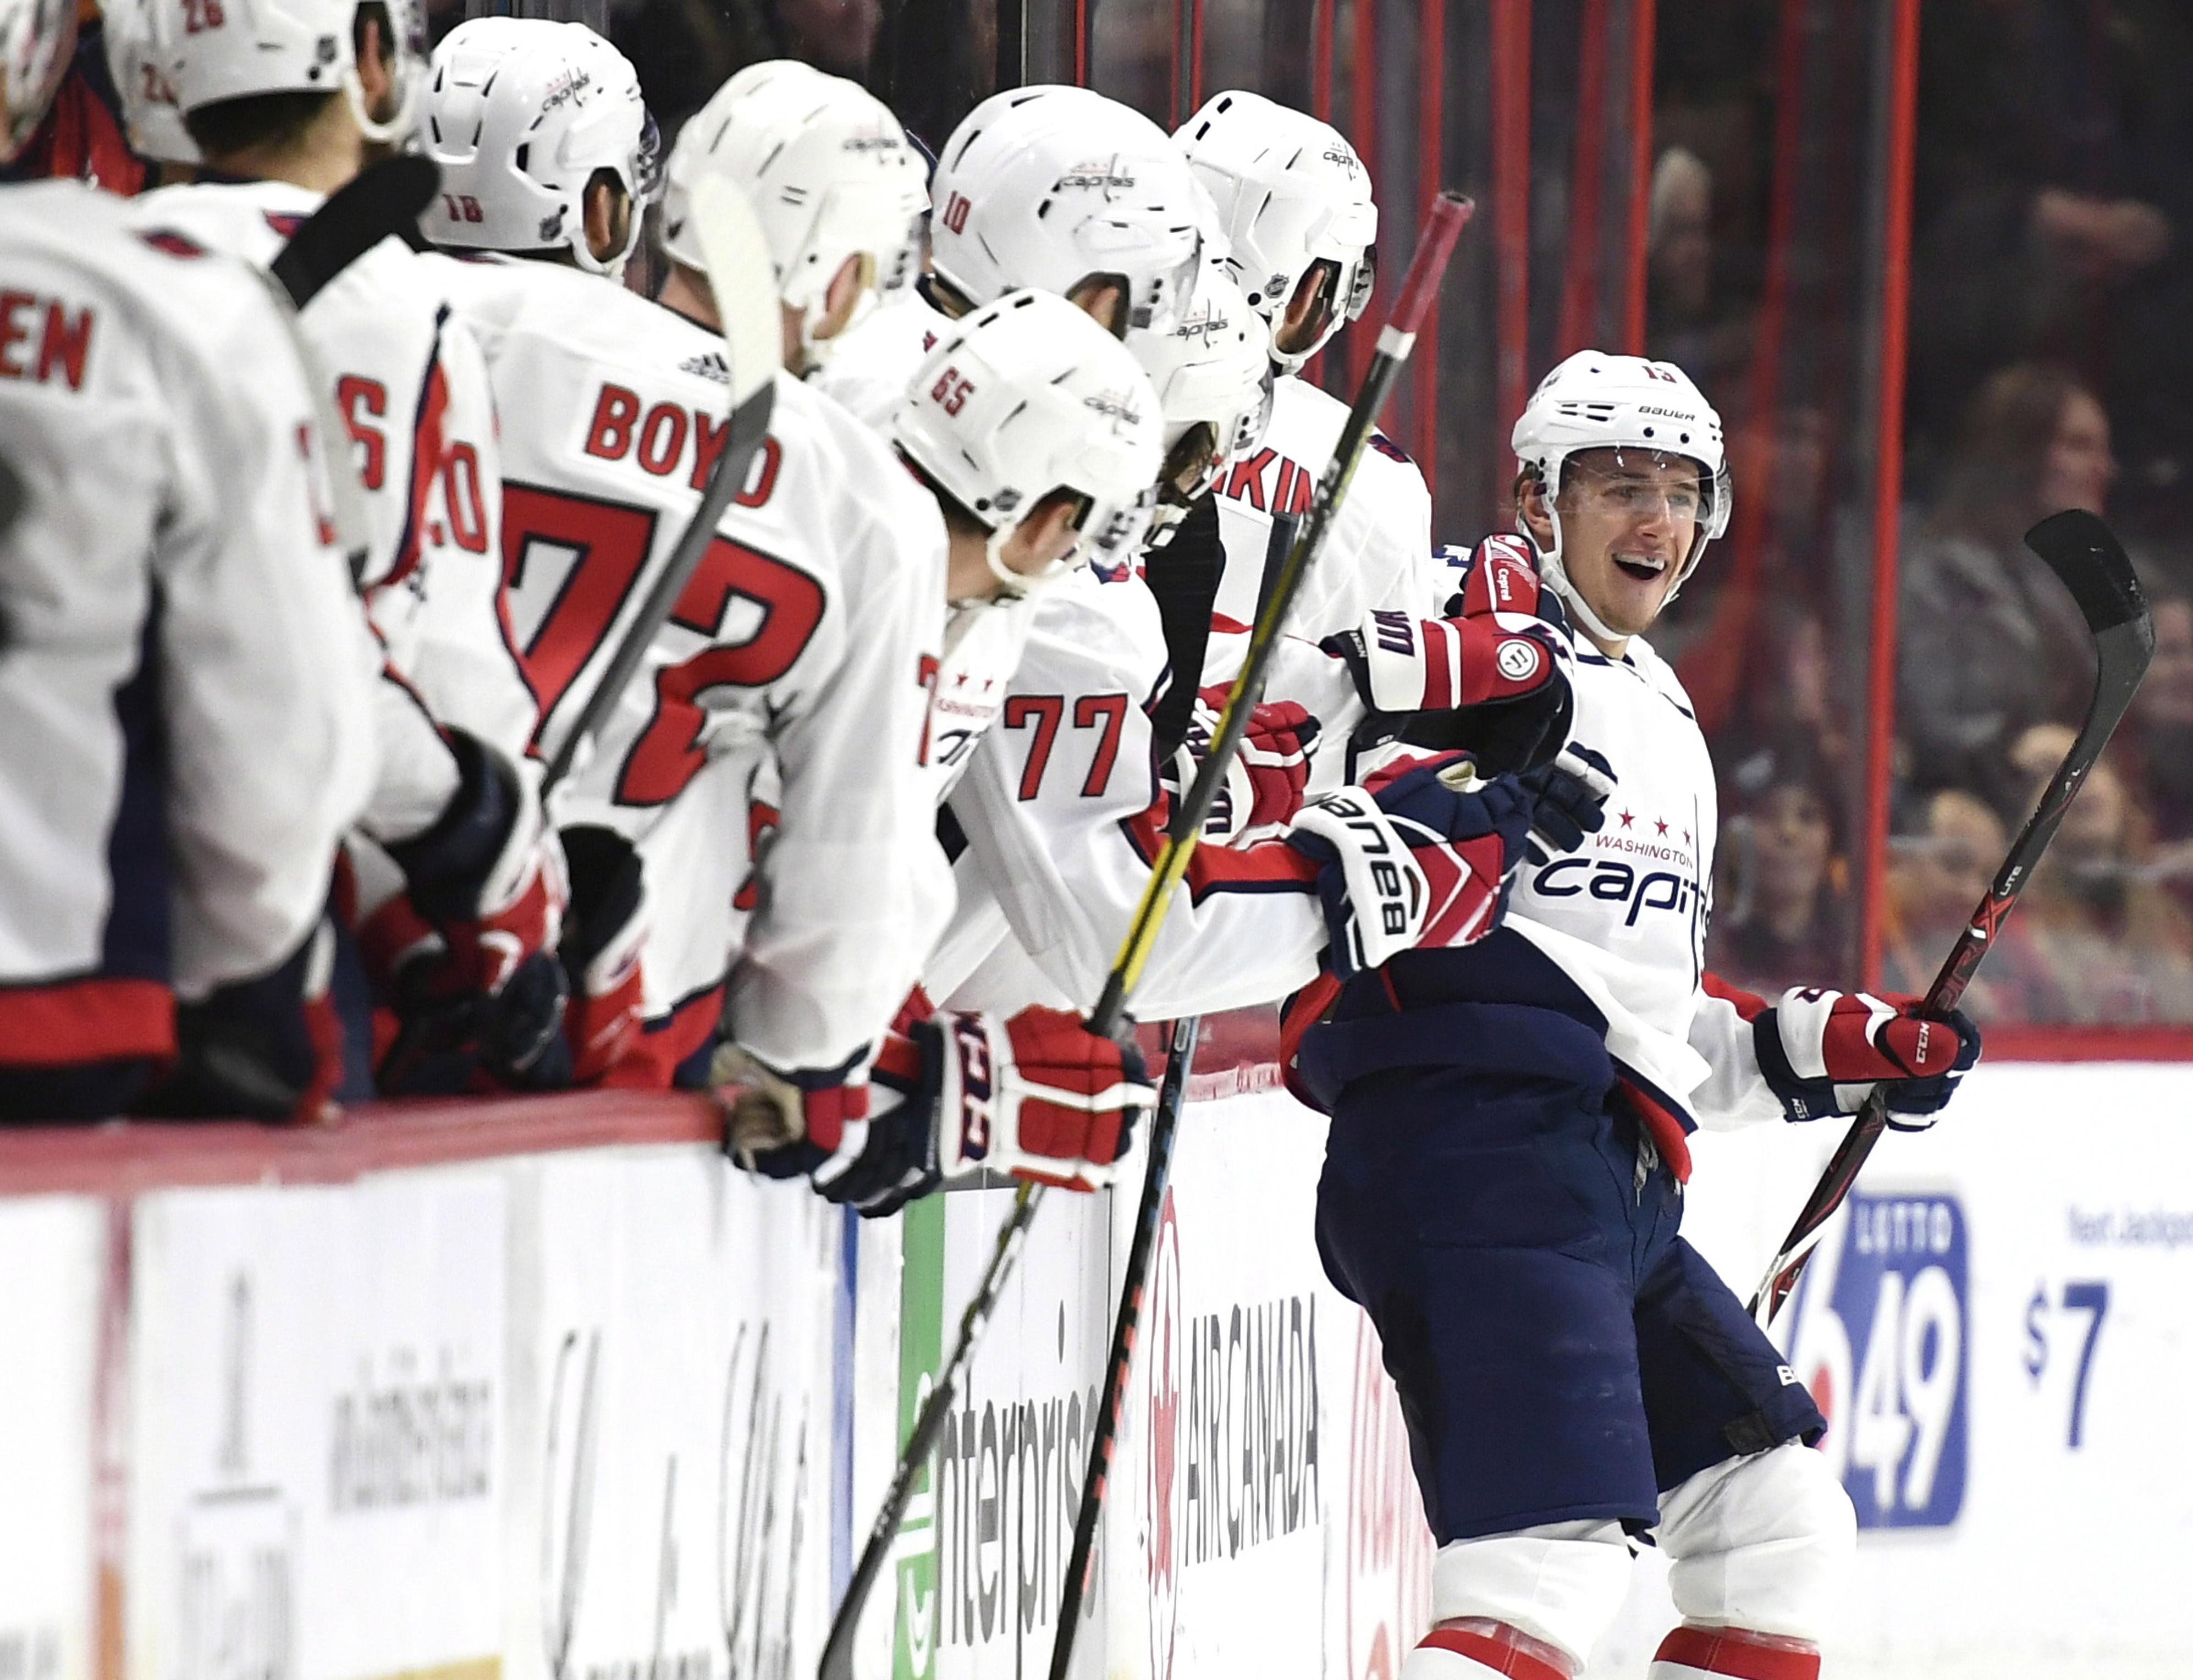 Copley gets first shutout, Capitals beat Senators 4-0